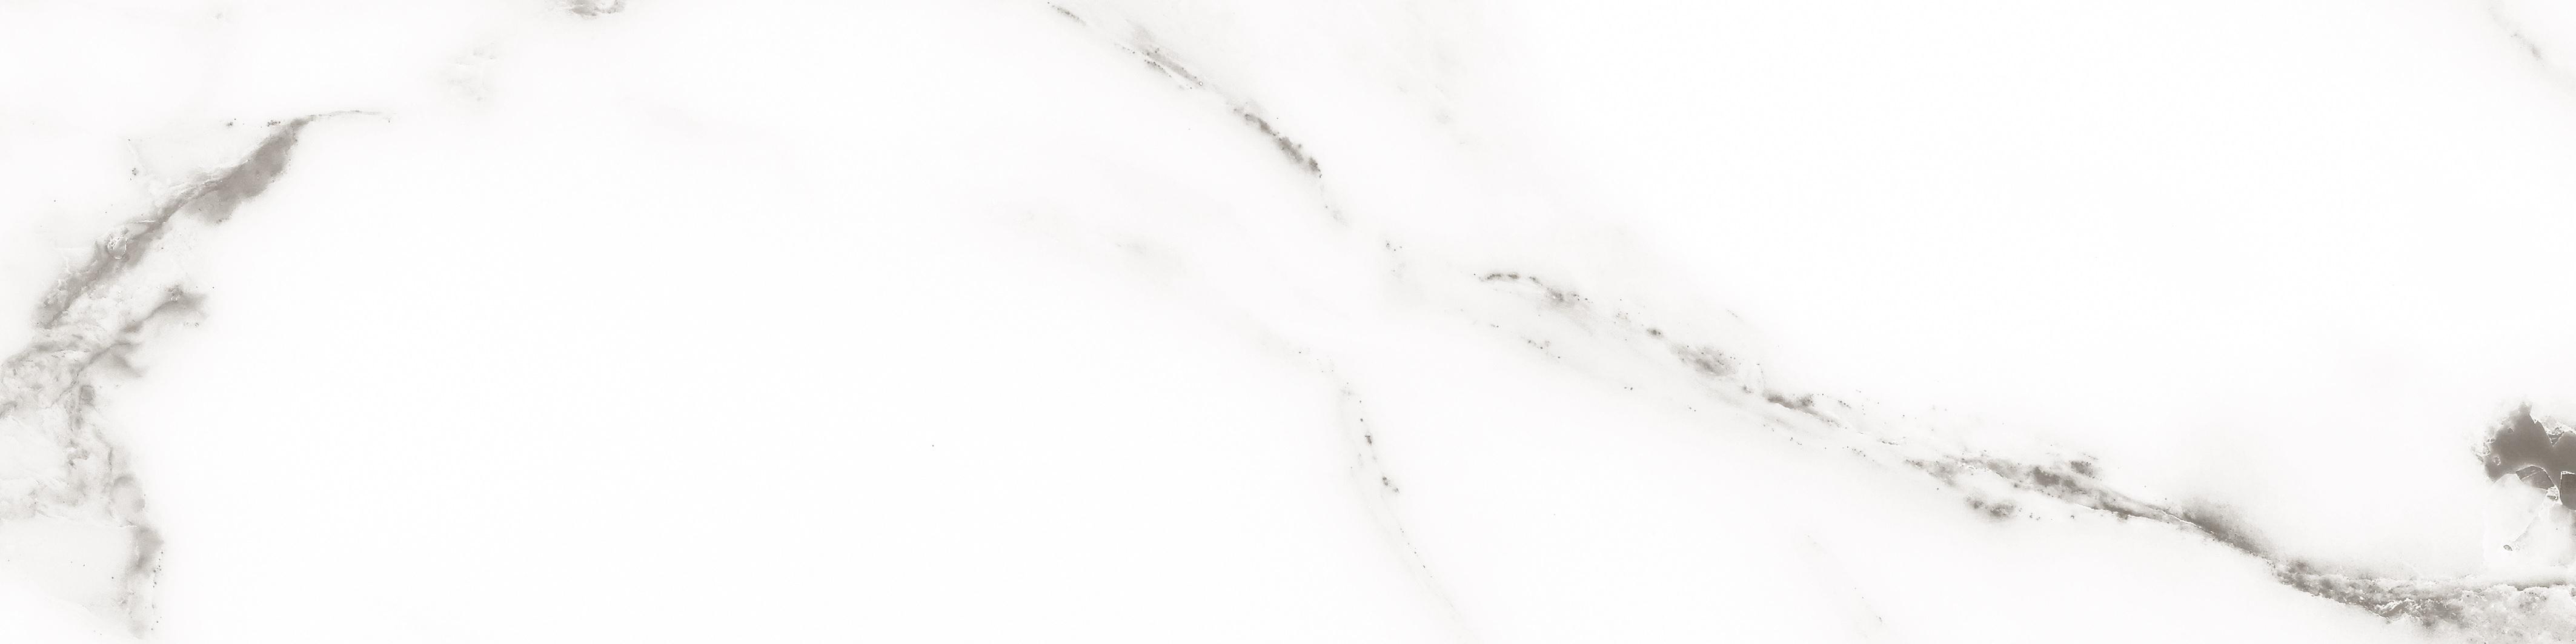 Tatoo white matt 7,5x30x0,8 - Hansas Plaadimaailm